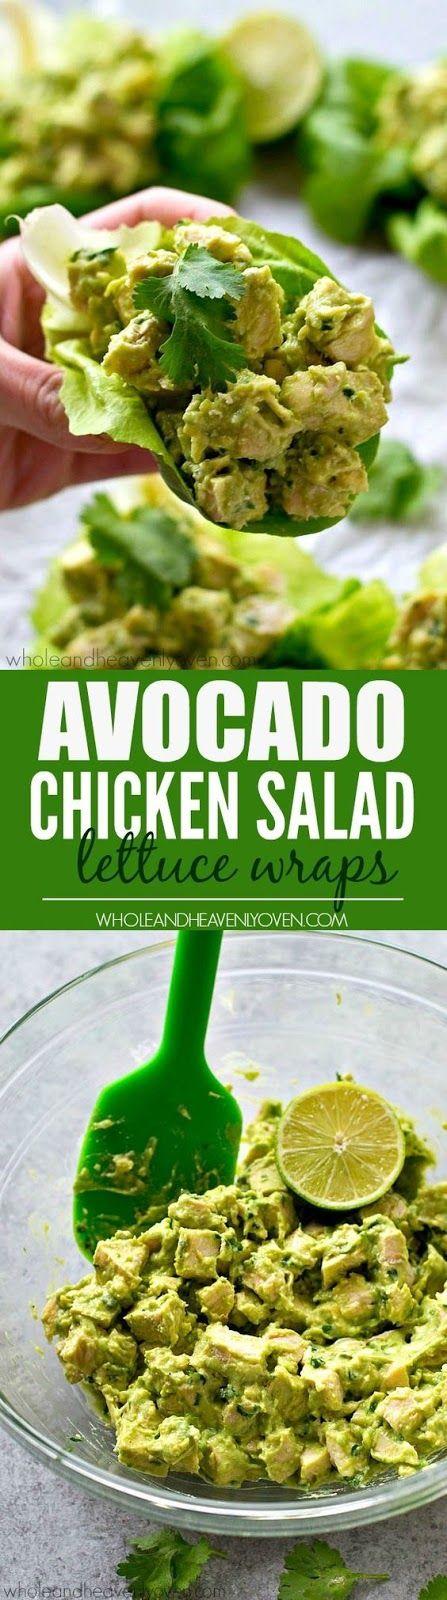 http://wholeandheavenlyoven.com/2016/03/31/avocado-chicken-salad-lettuce-wraps/